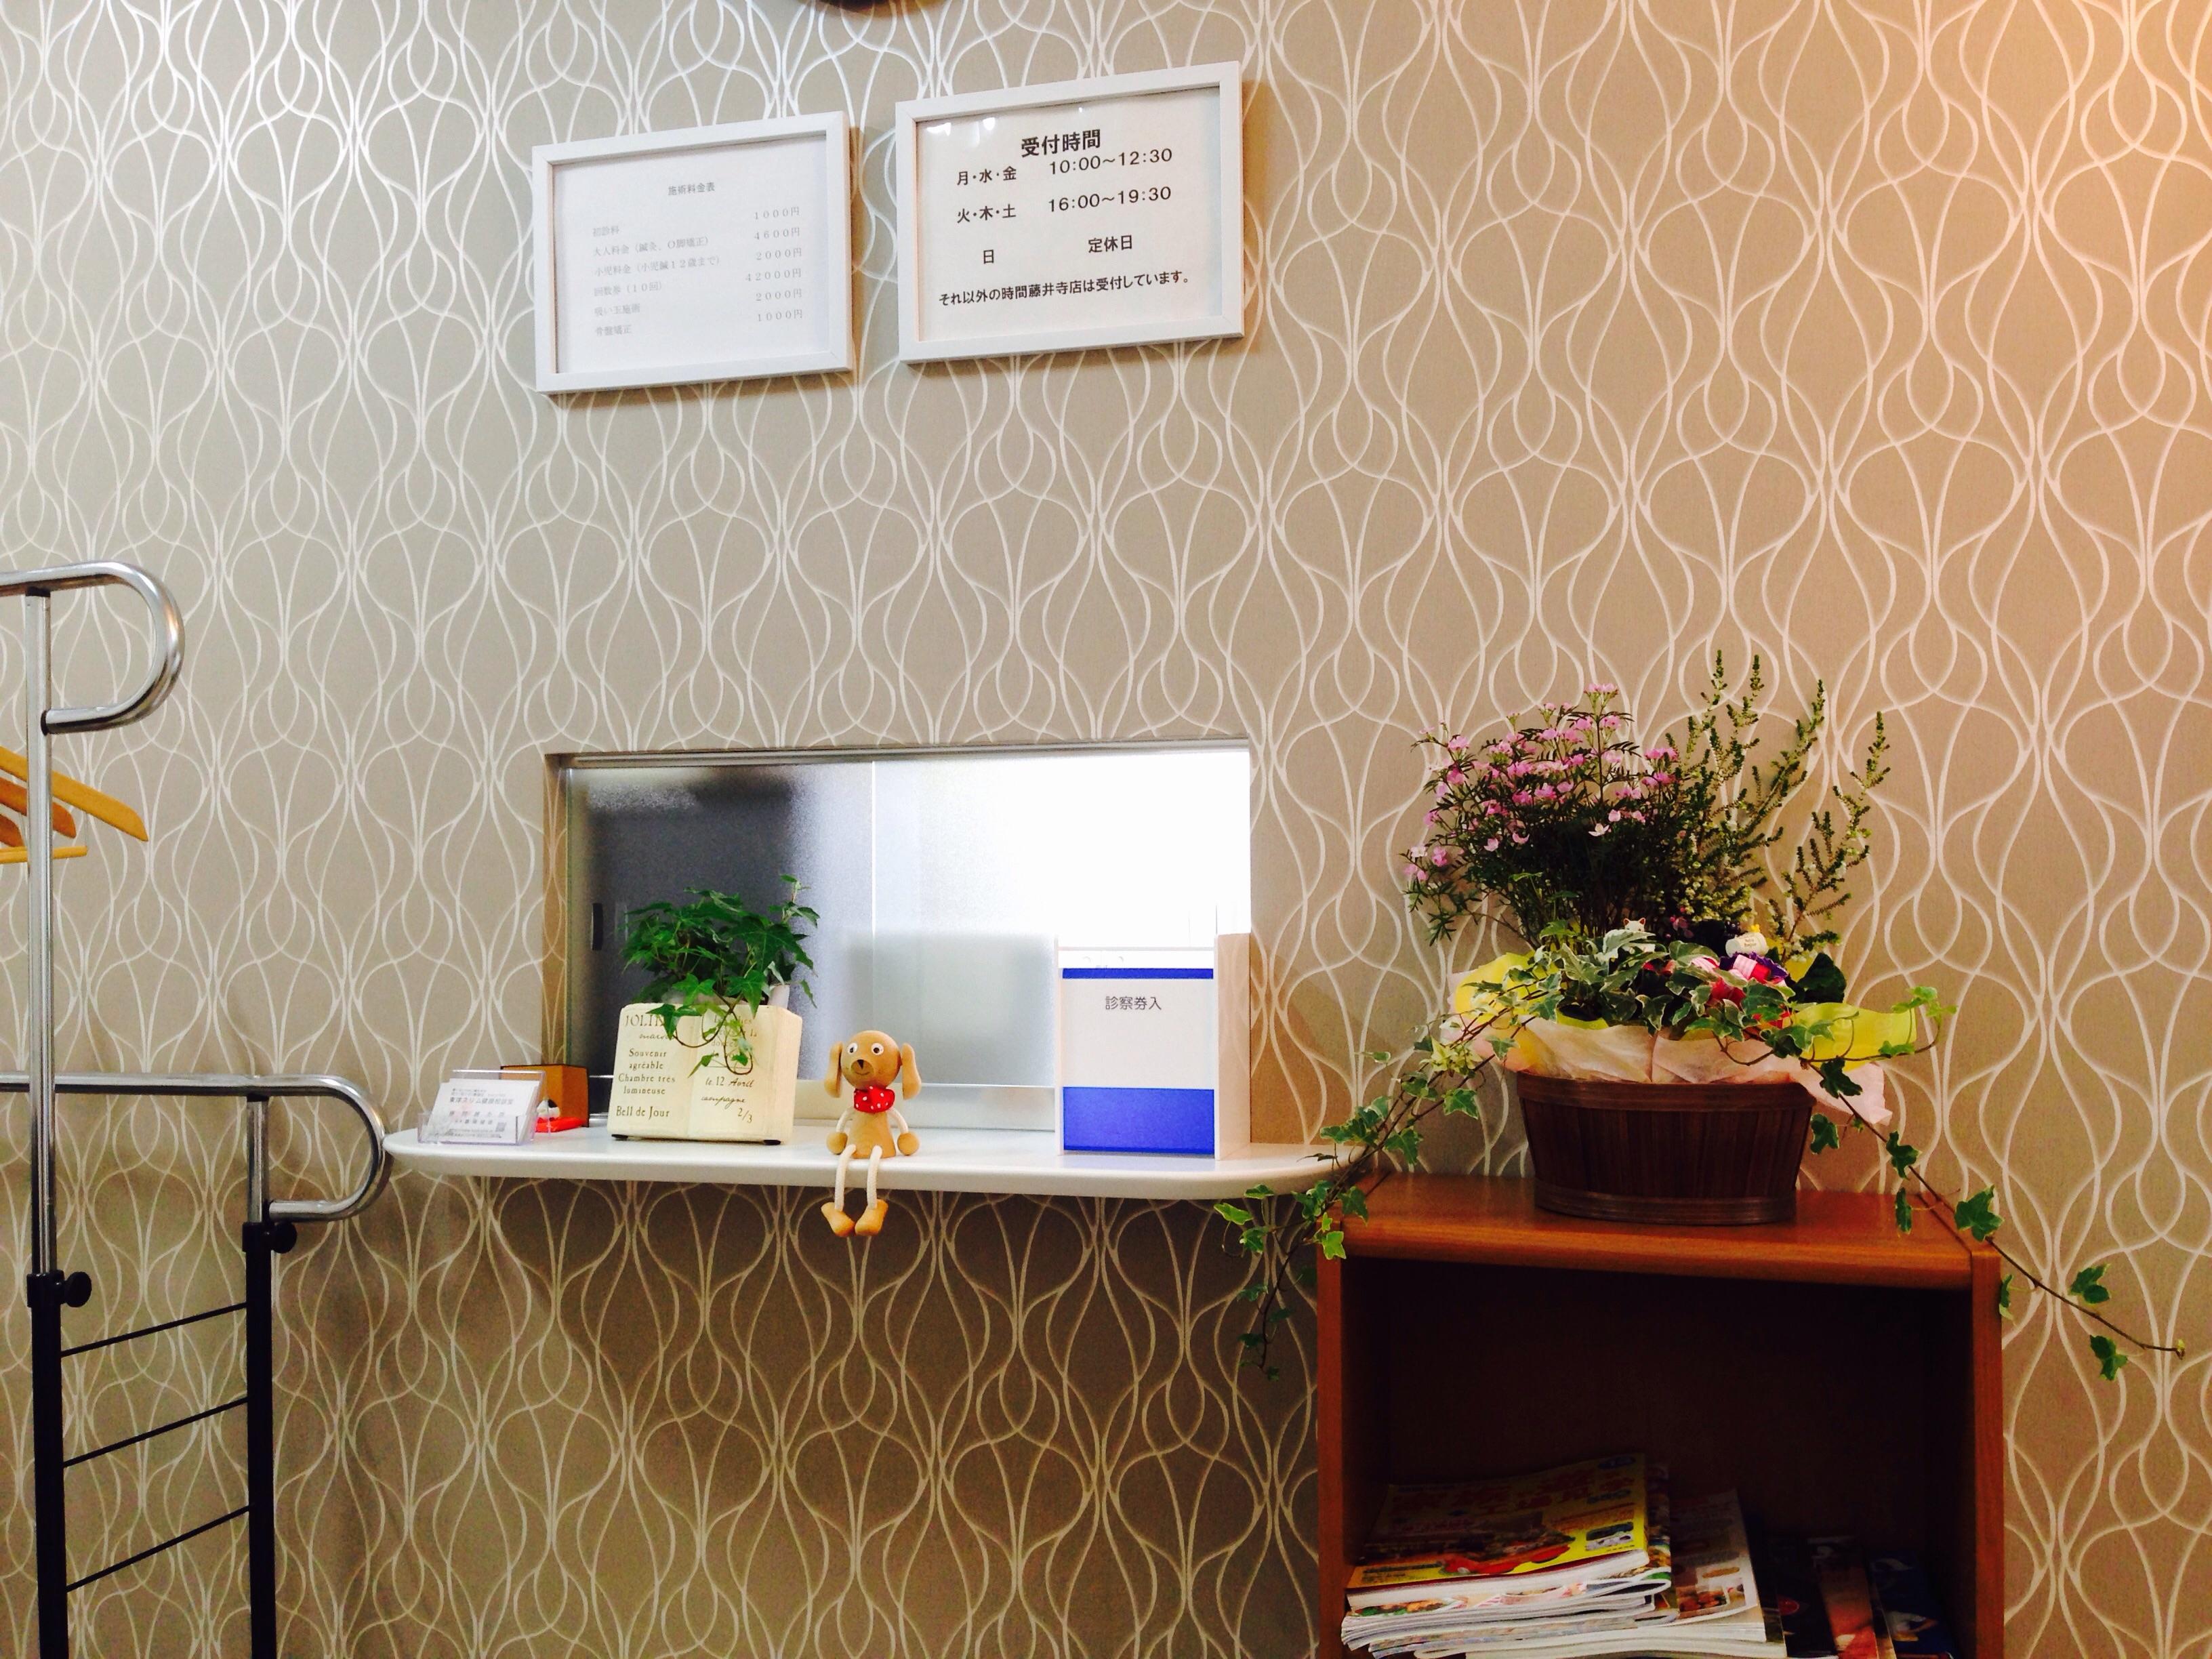 シルバーウィークのお休みのお知らせ  東洋スリム健康相談室 藤岡鍼灸院